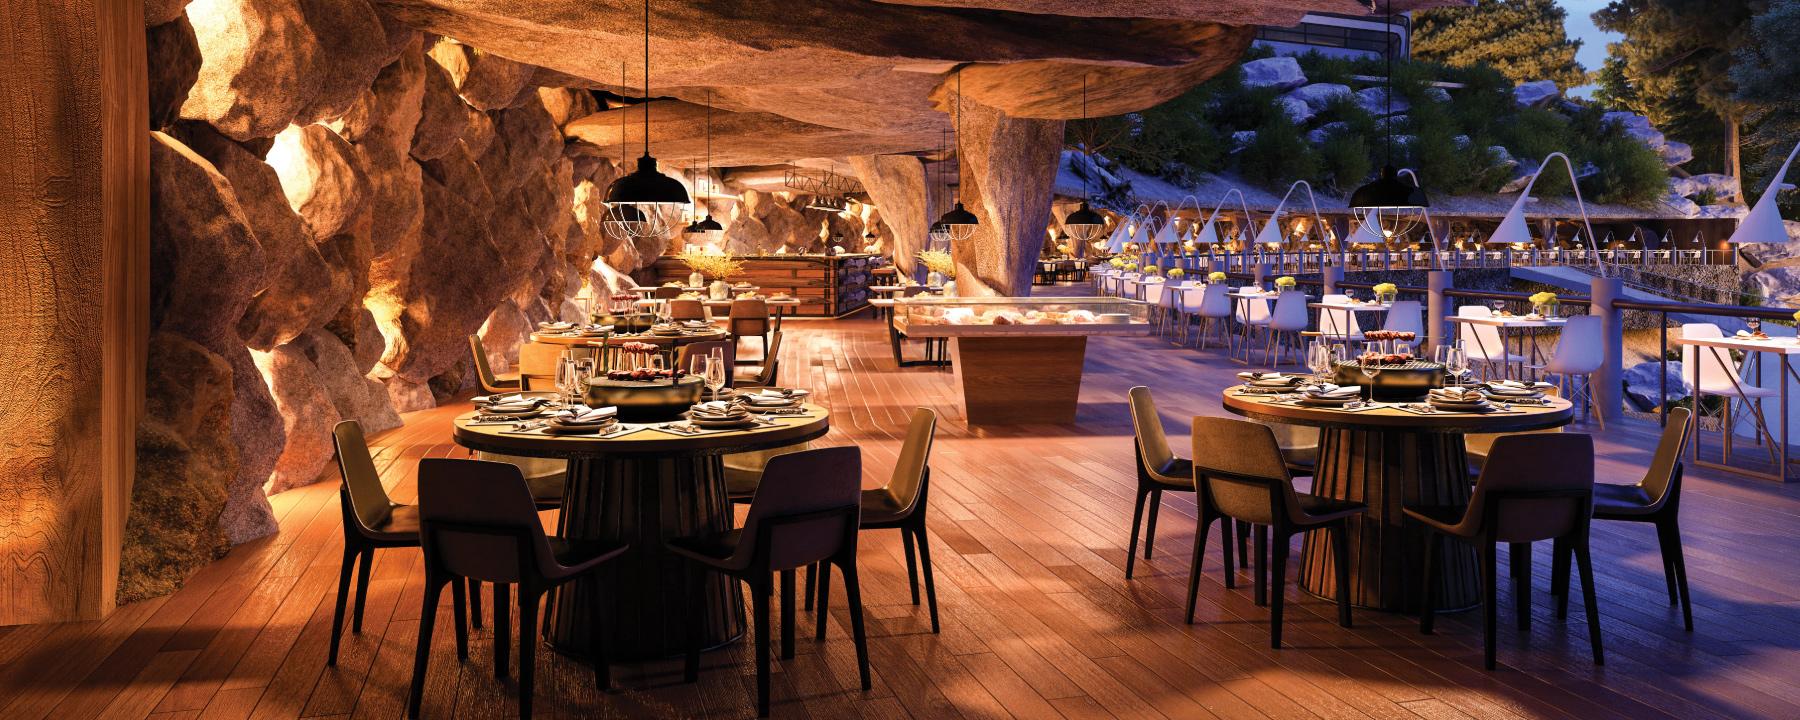 Montviro - Cave Restaurant